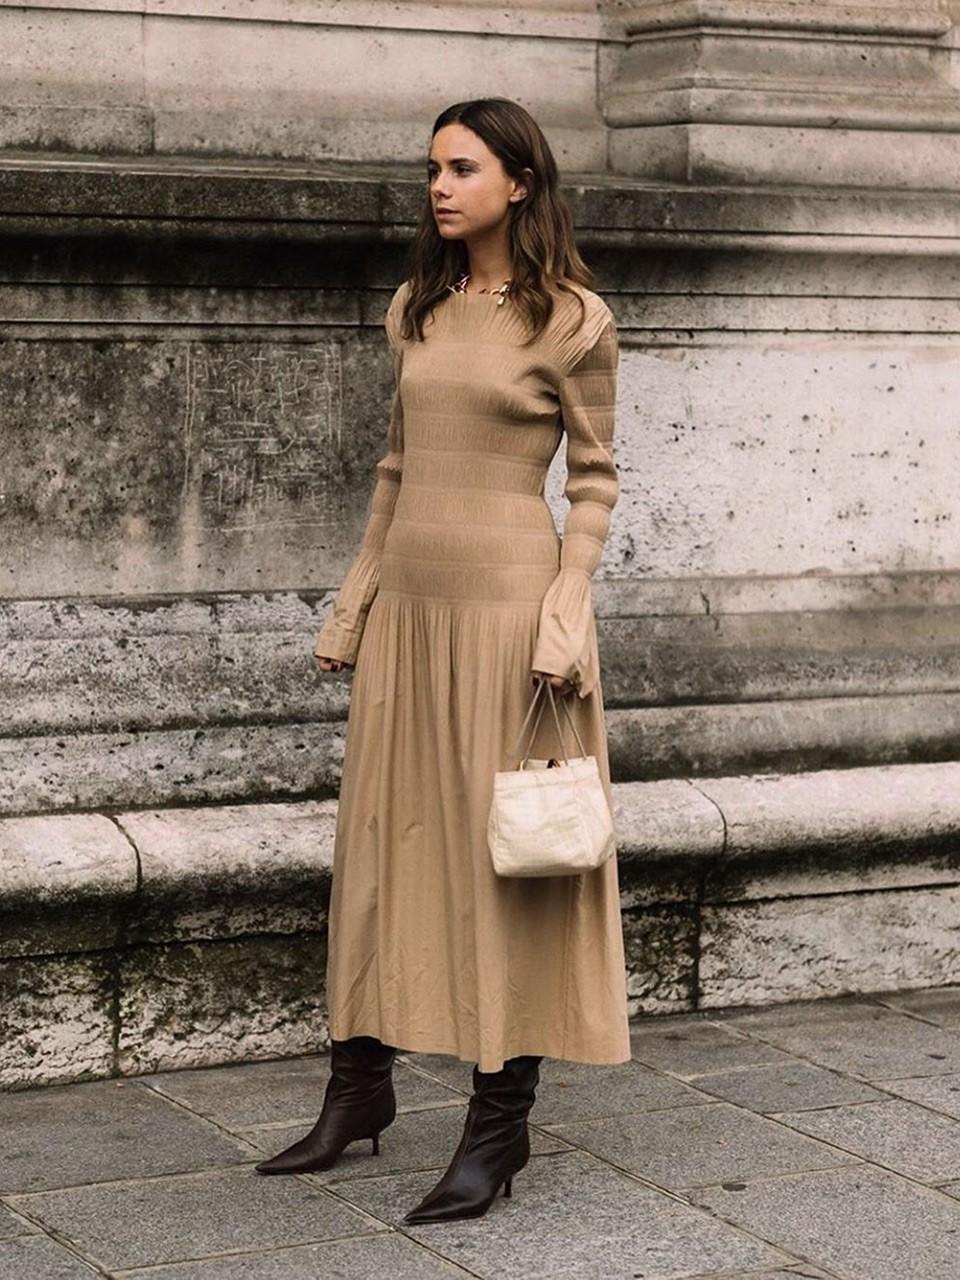 dress-boots-combos-11.jpg